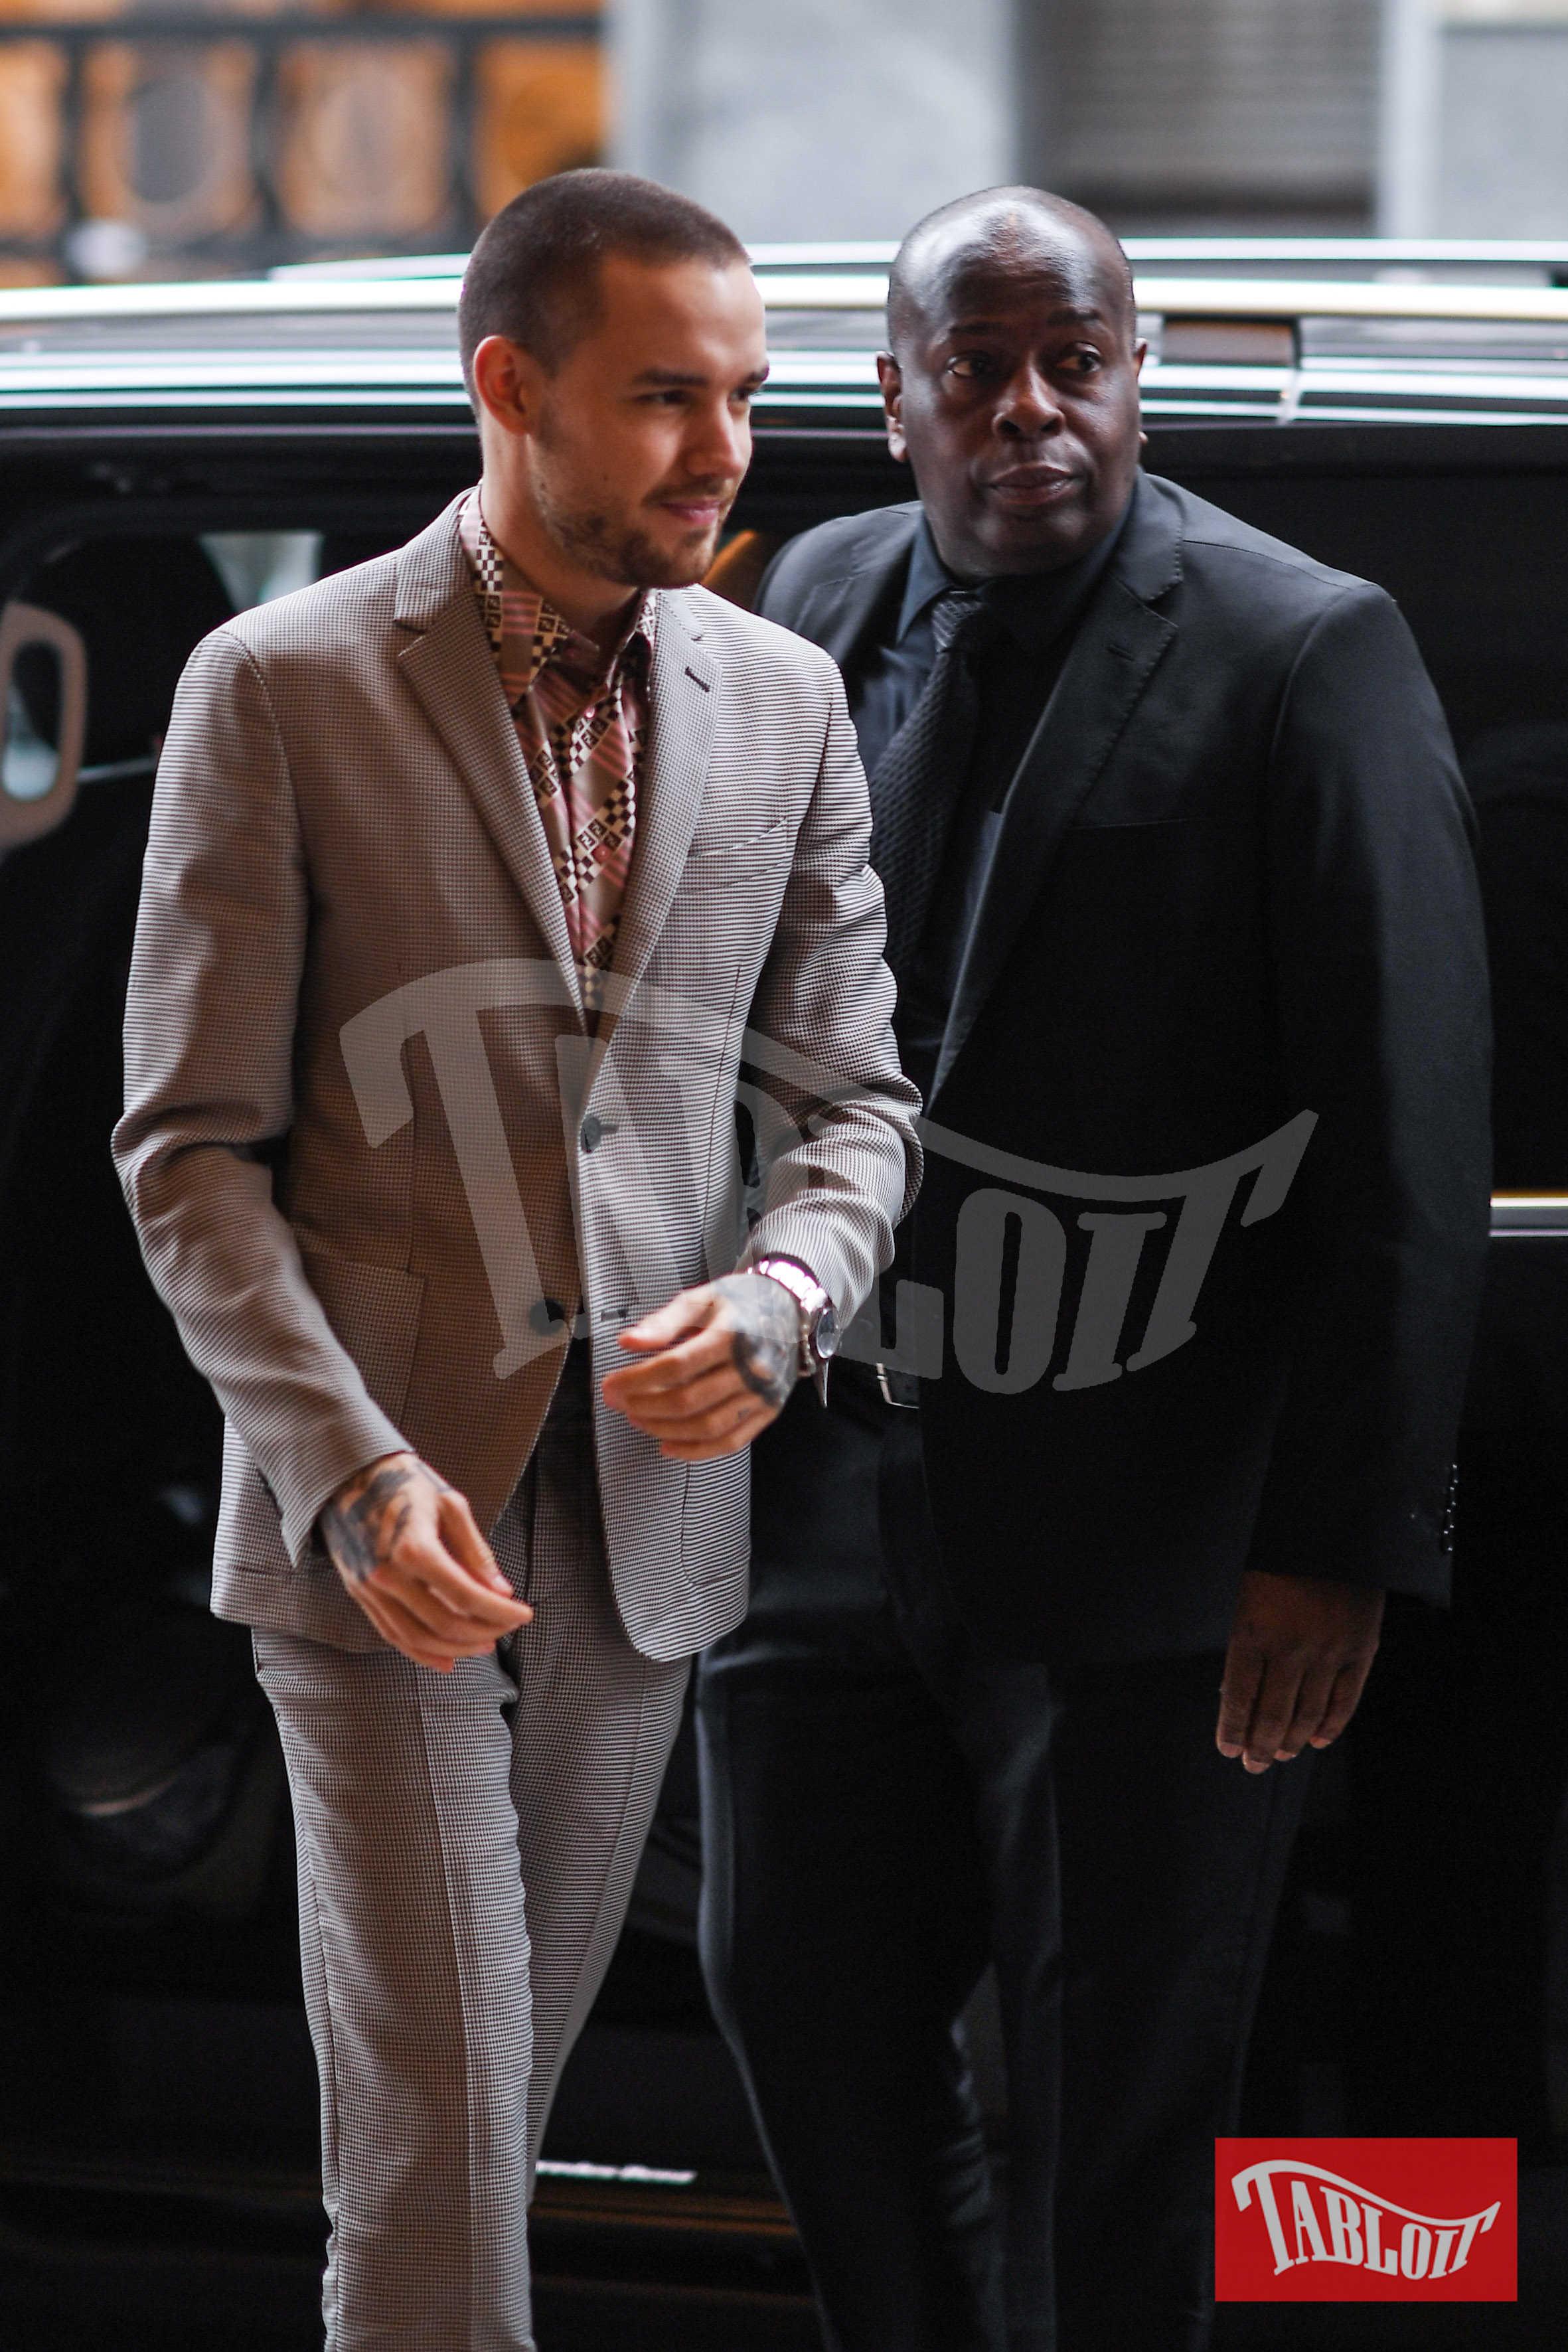 Liam Payne è arrivato a Milano in occasione della settimana della moda maschile. L'ex membro degli One Direction è stato ospite della sfilata di Fendi insieme al cantante e modello britannico Jamie Campbell Bower e a Damiano David dei Maneskin